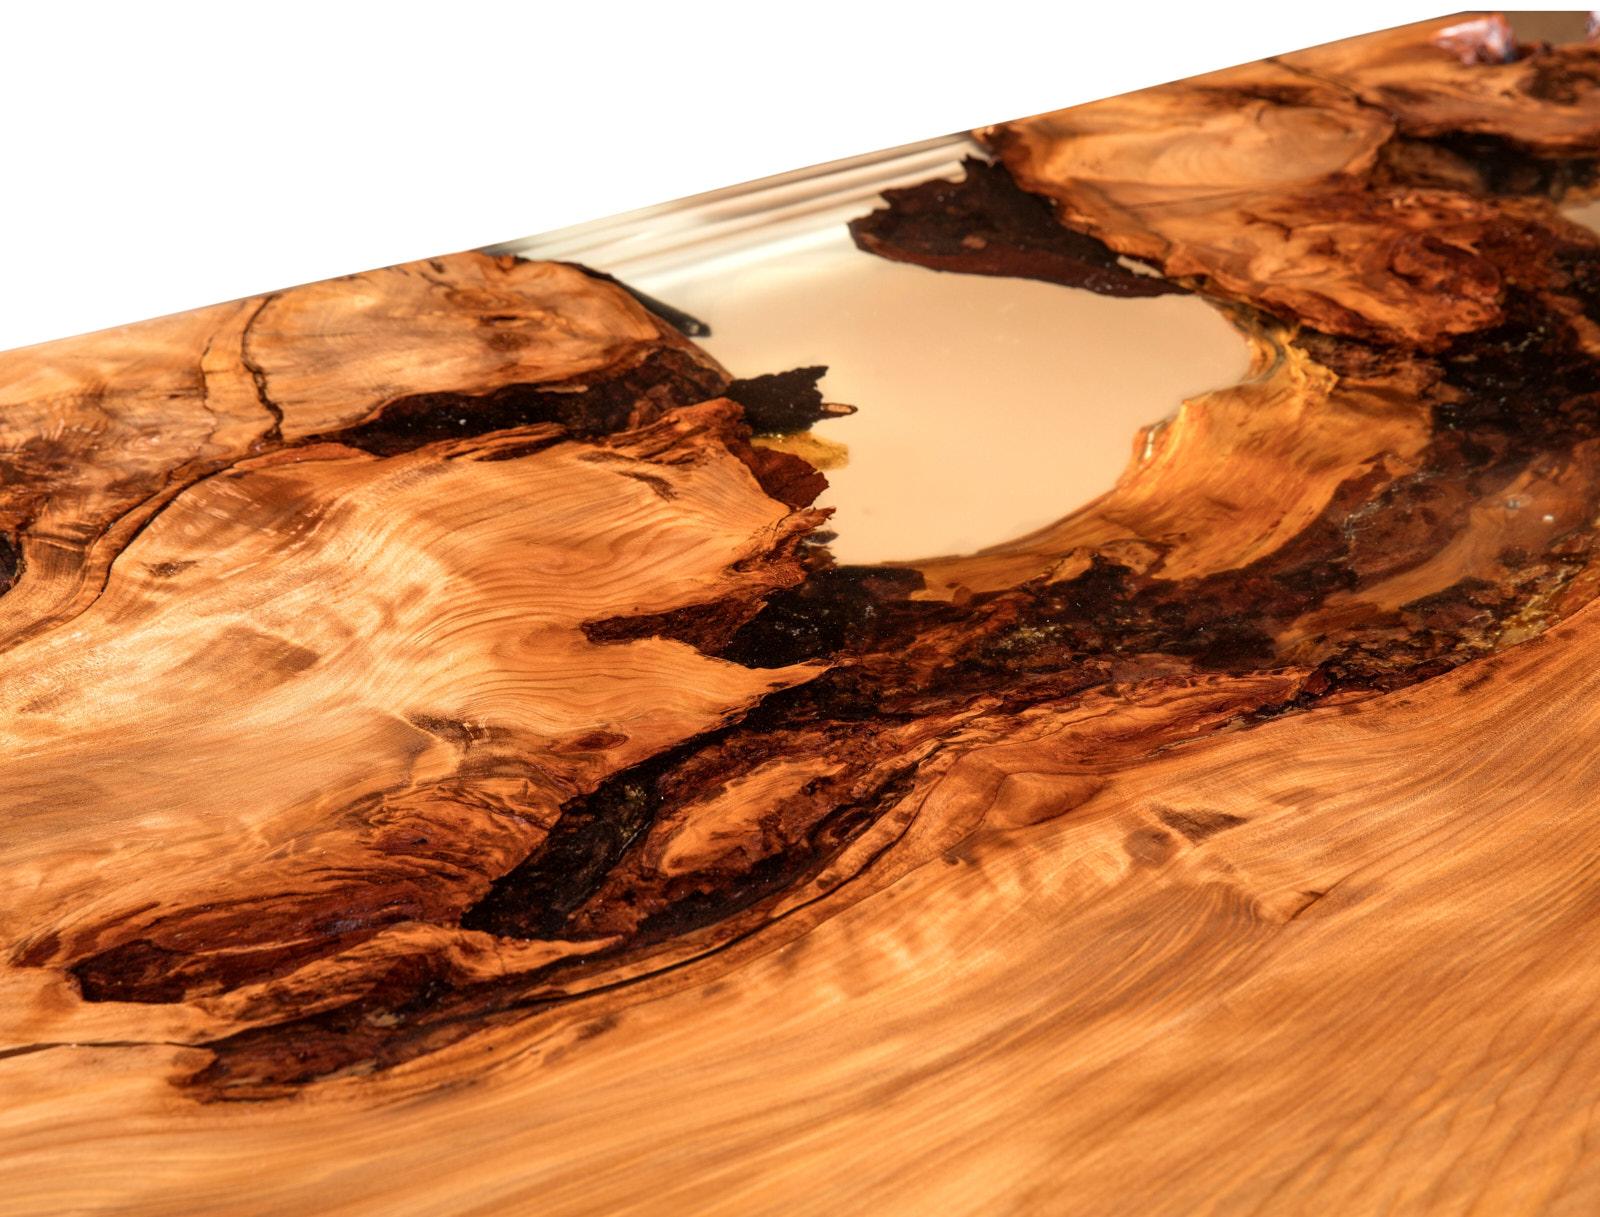 Einzigartige Konferenztischplatte als natürlicher Baumtisch ein Natur Kunstwerk, Holztisch aus Wurzel Stamm